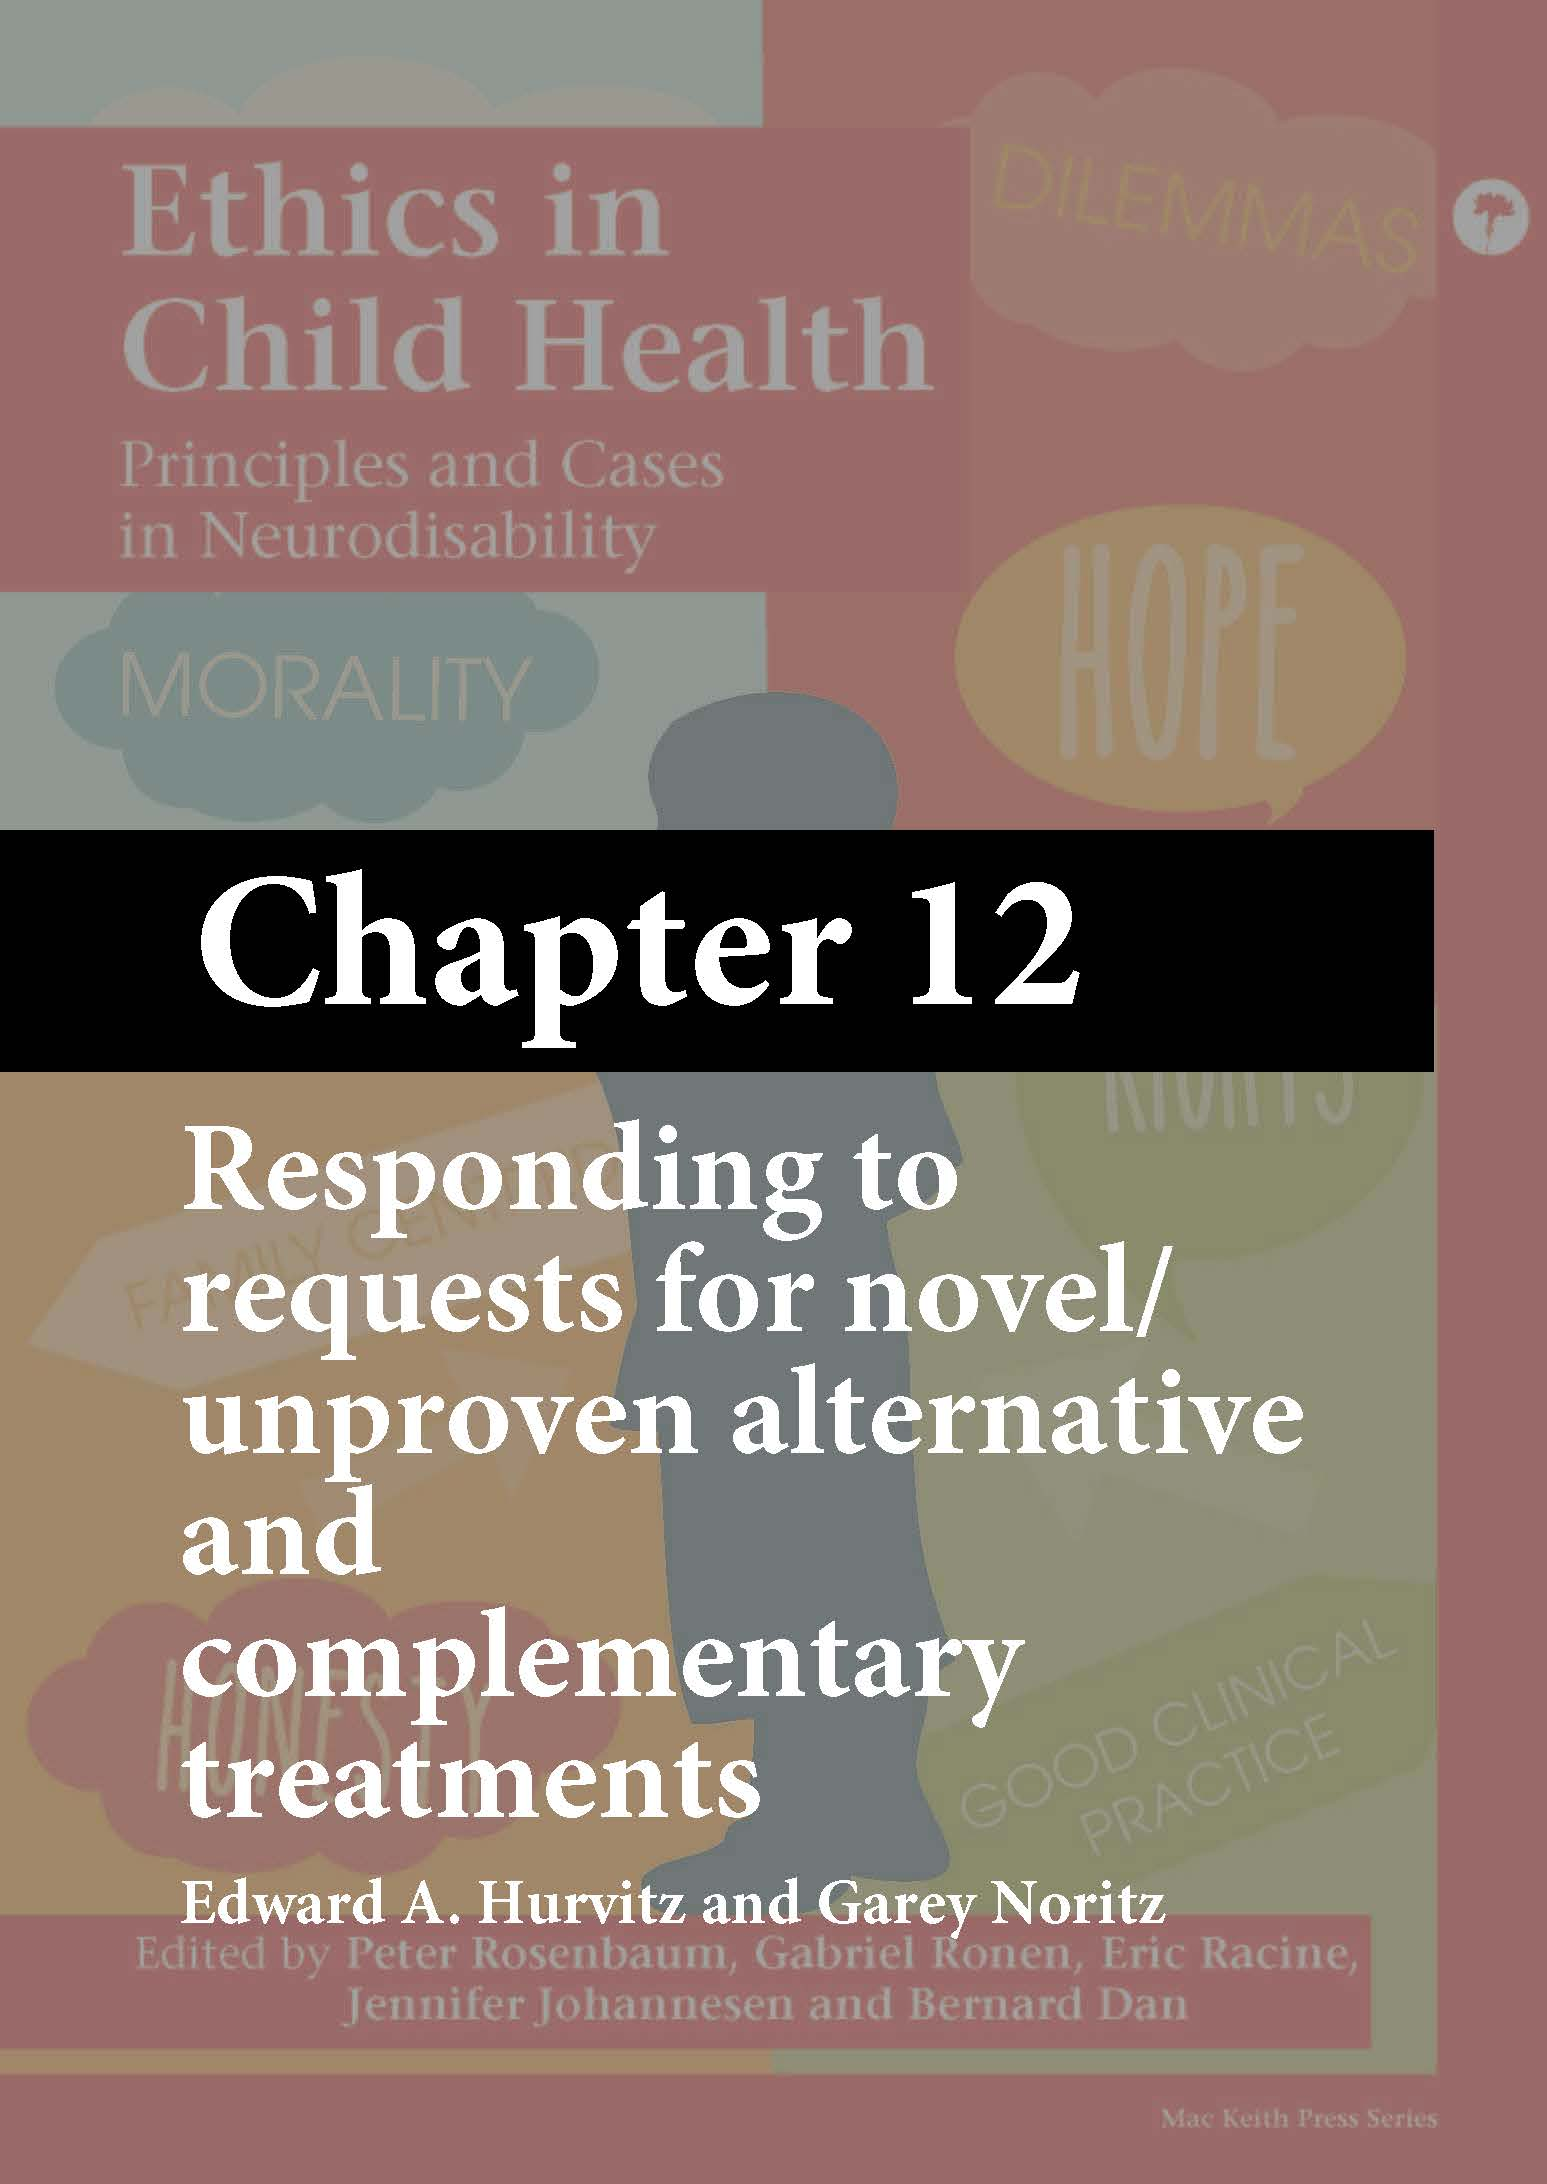 Ethics in Child Health, Rosenbaum, Chapter 12 cover